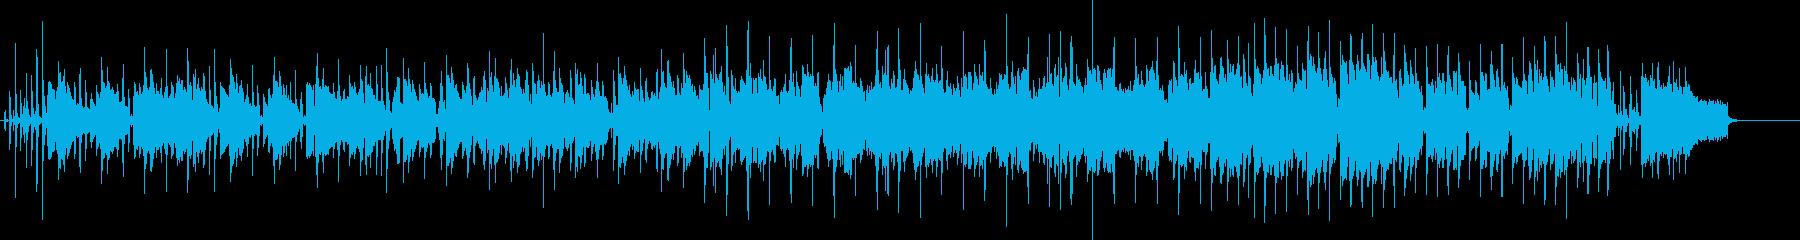 レゲエで陽気に結婚行進曲(ワーグナー)の再生済みの波形